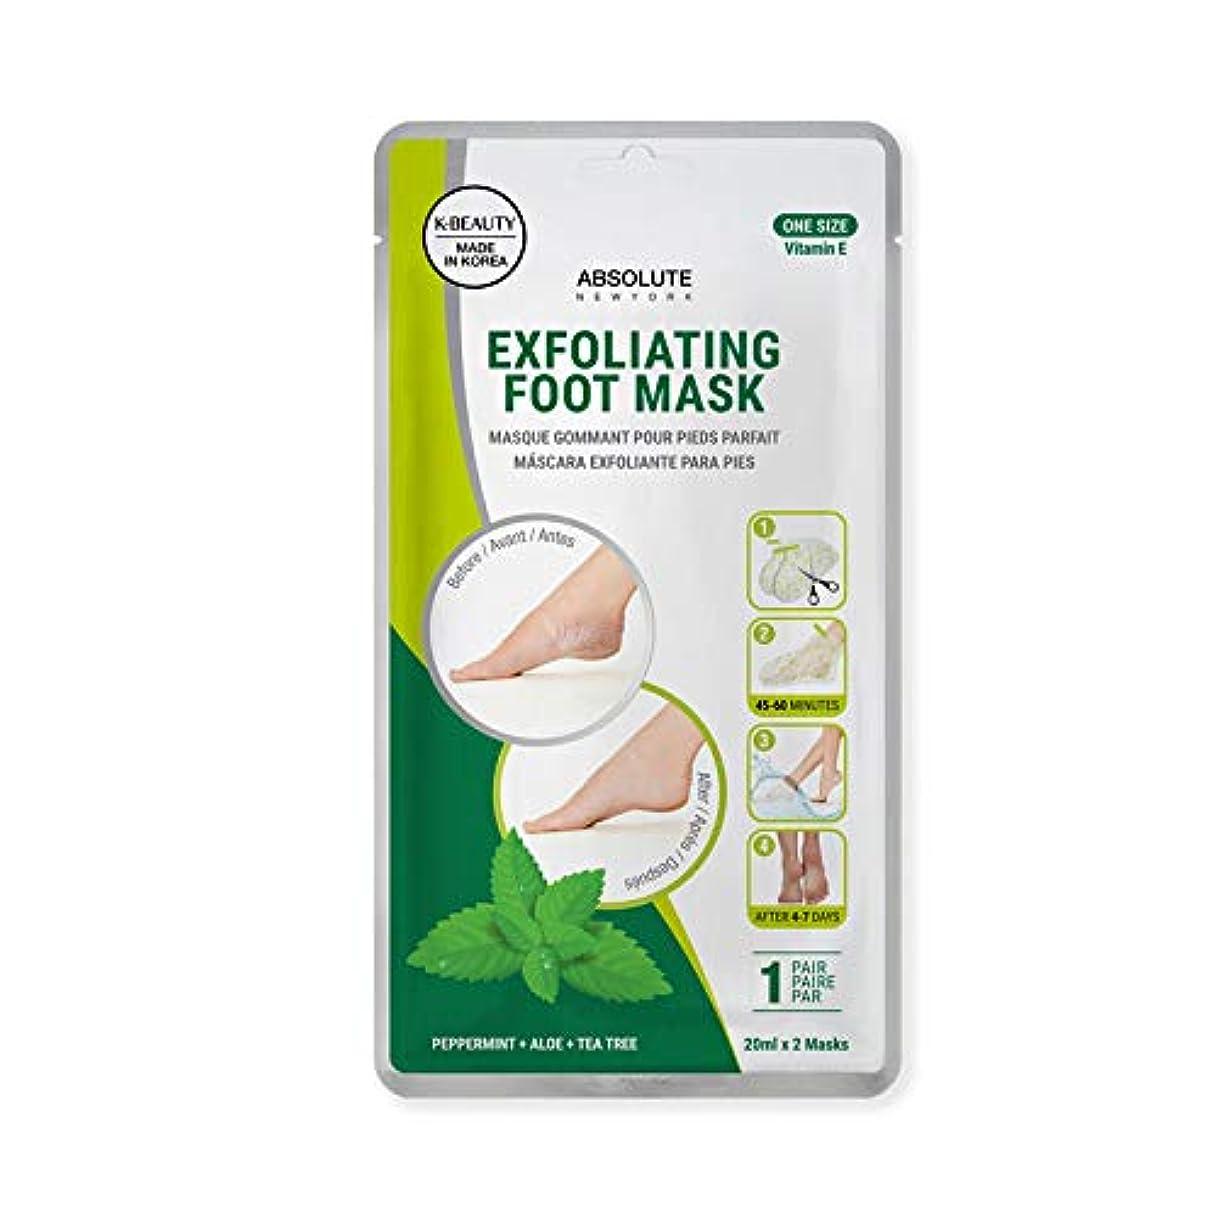 ネクタイ明るい救出ABSOLUTE Exfoliating Foot Mask - Peppermint + Aloe + Tea Tree (並行輸入品)